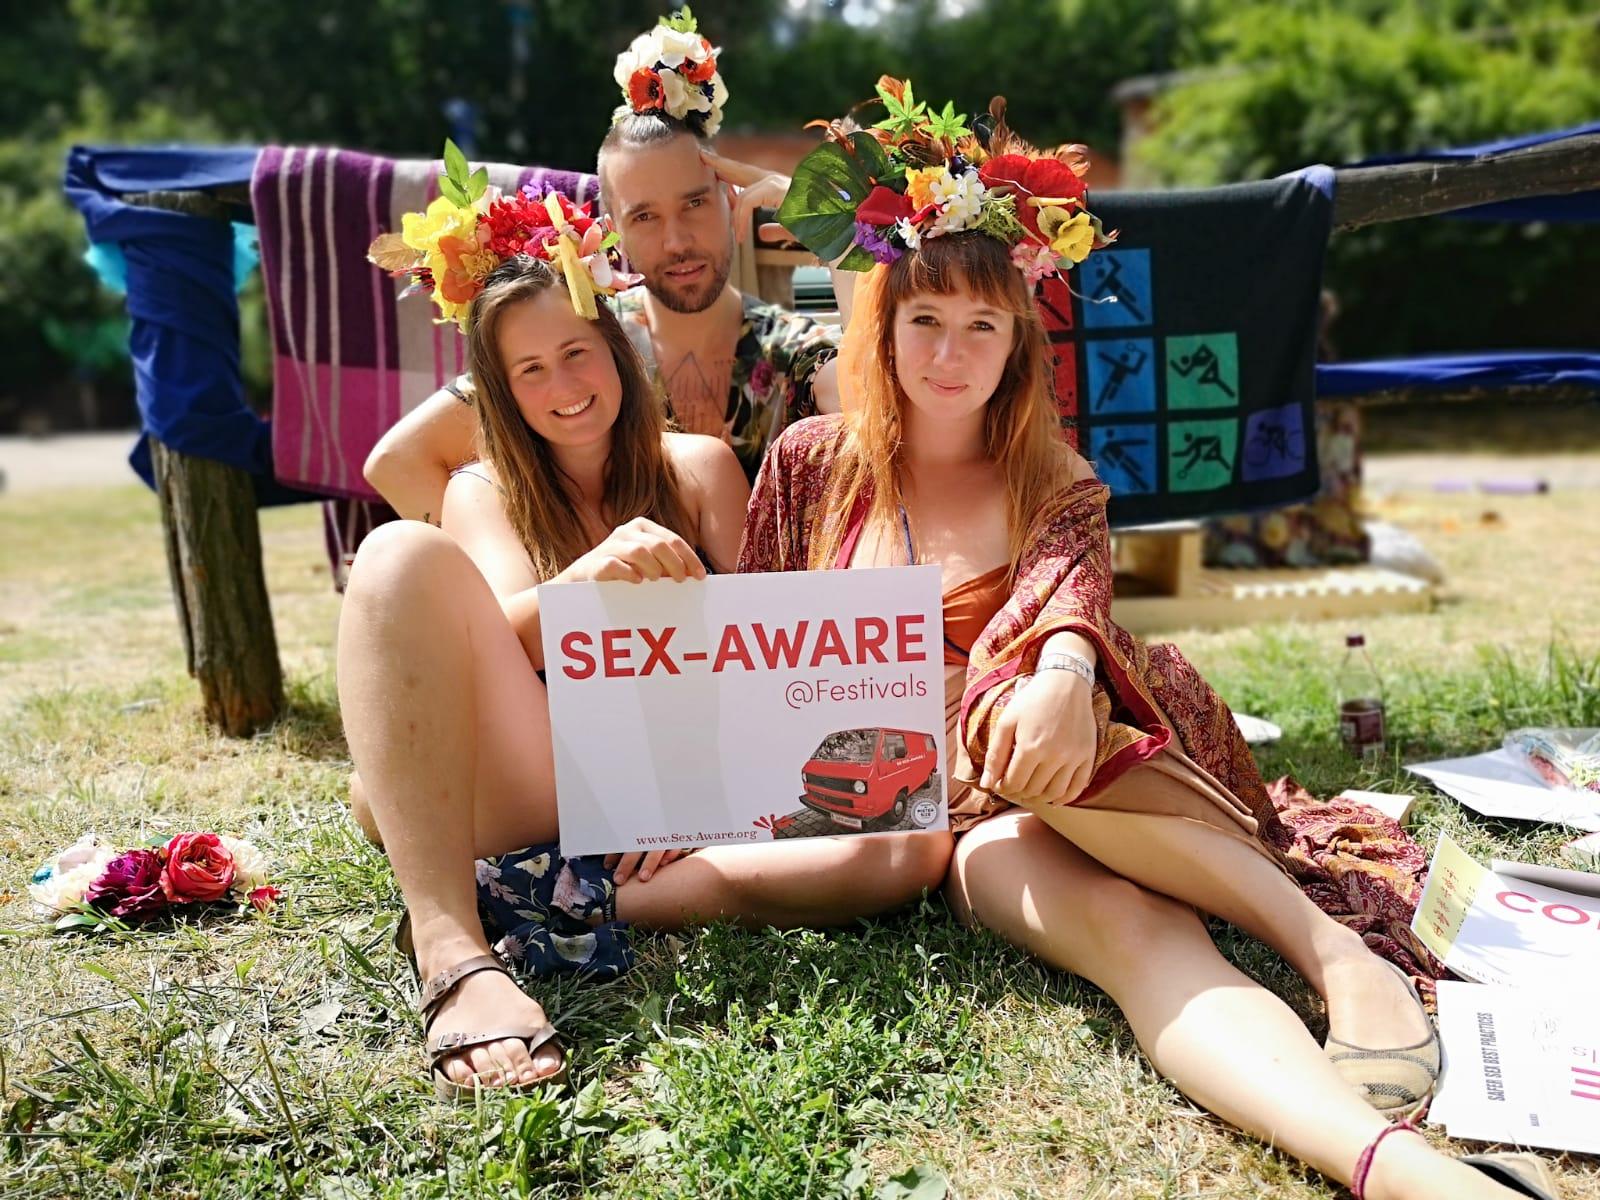 Sex-Aware@Festivals -